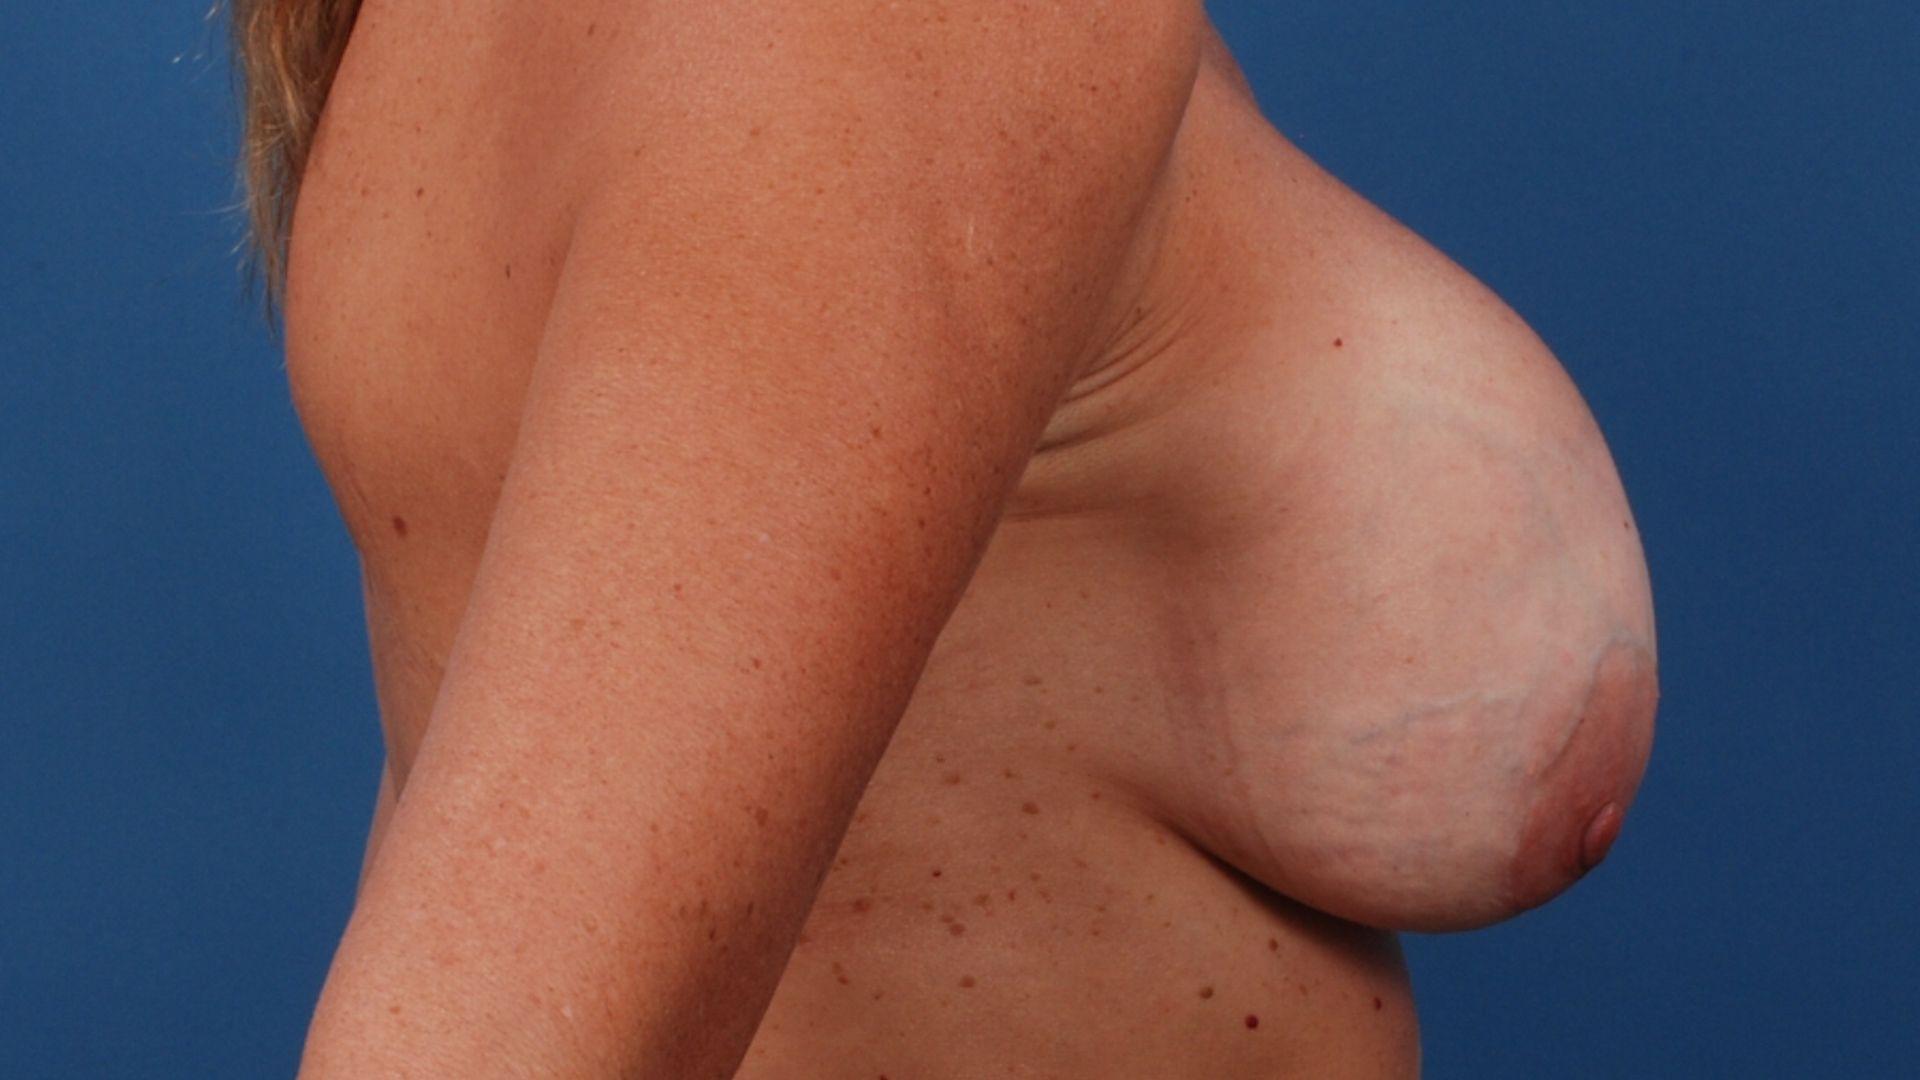 капсулярная контрактура груди изменение формы после маммопластики